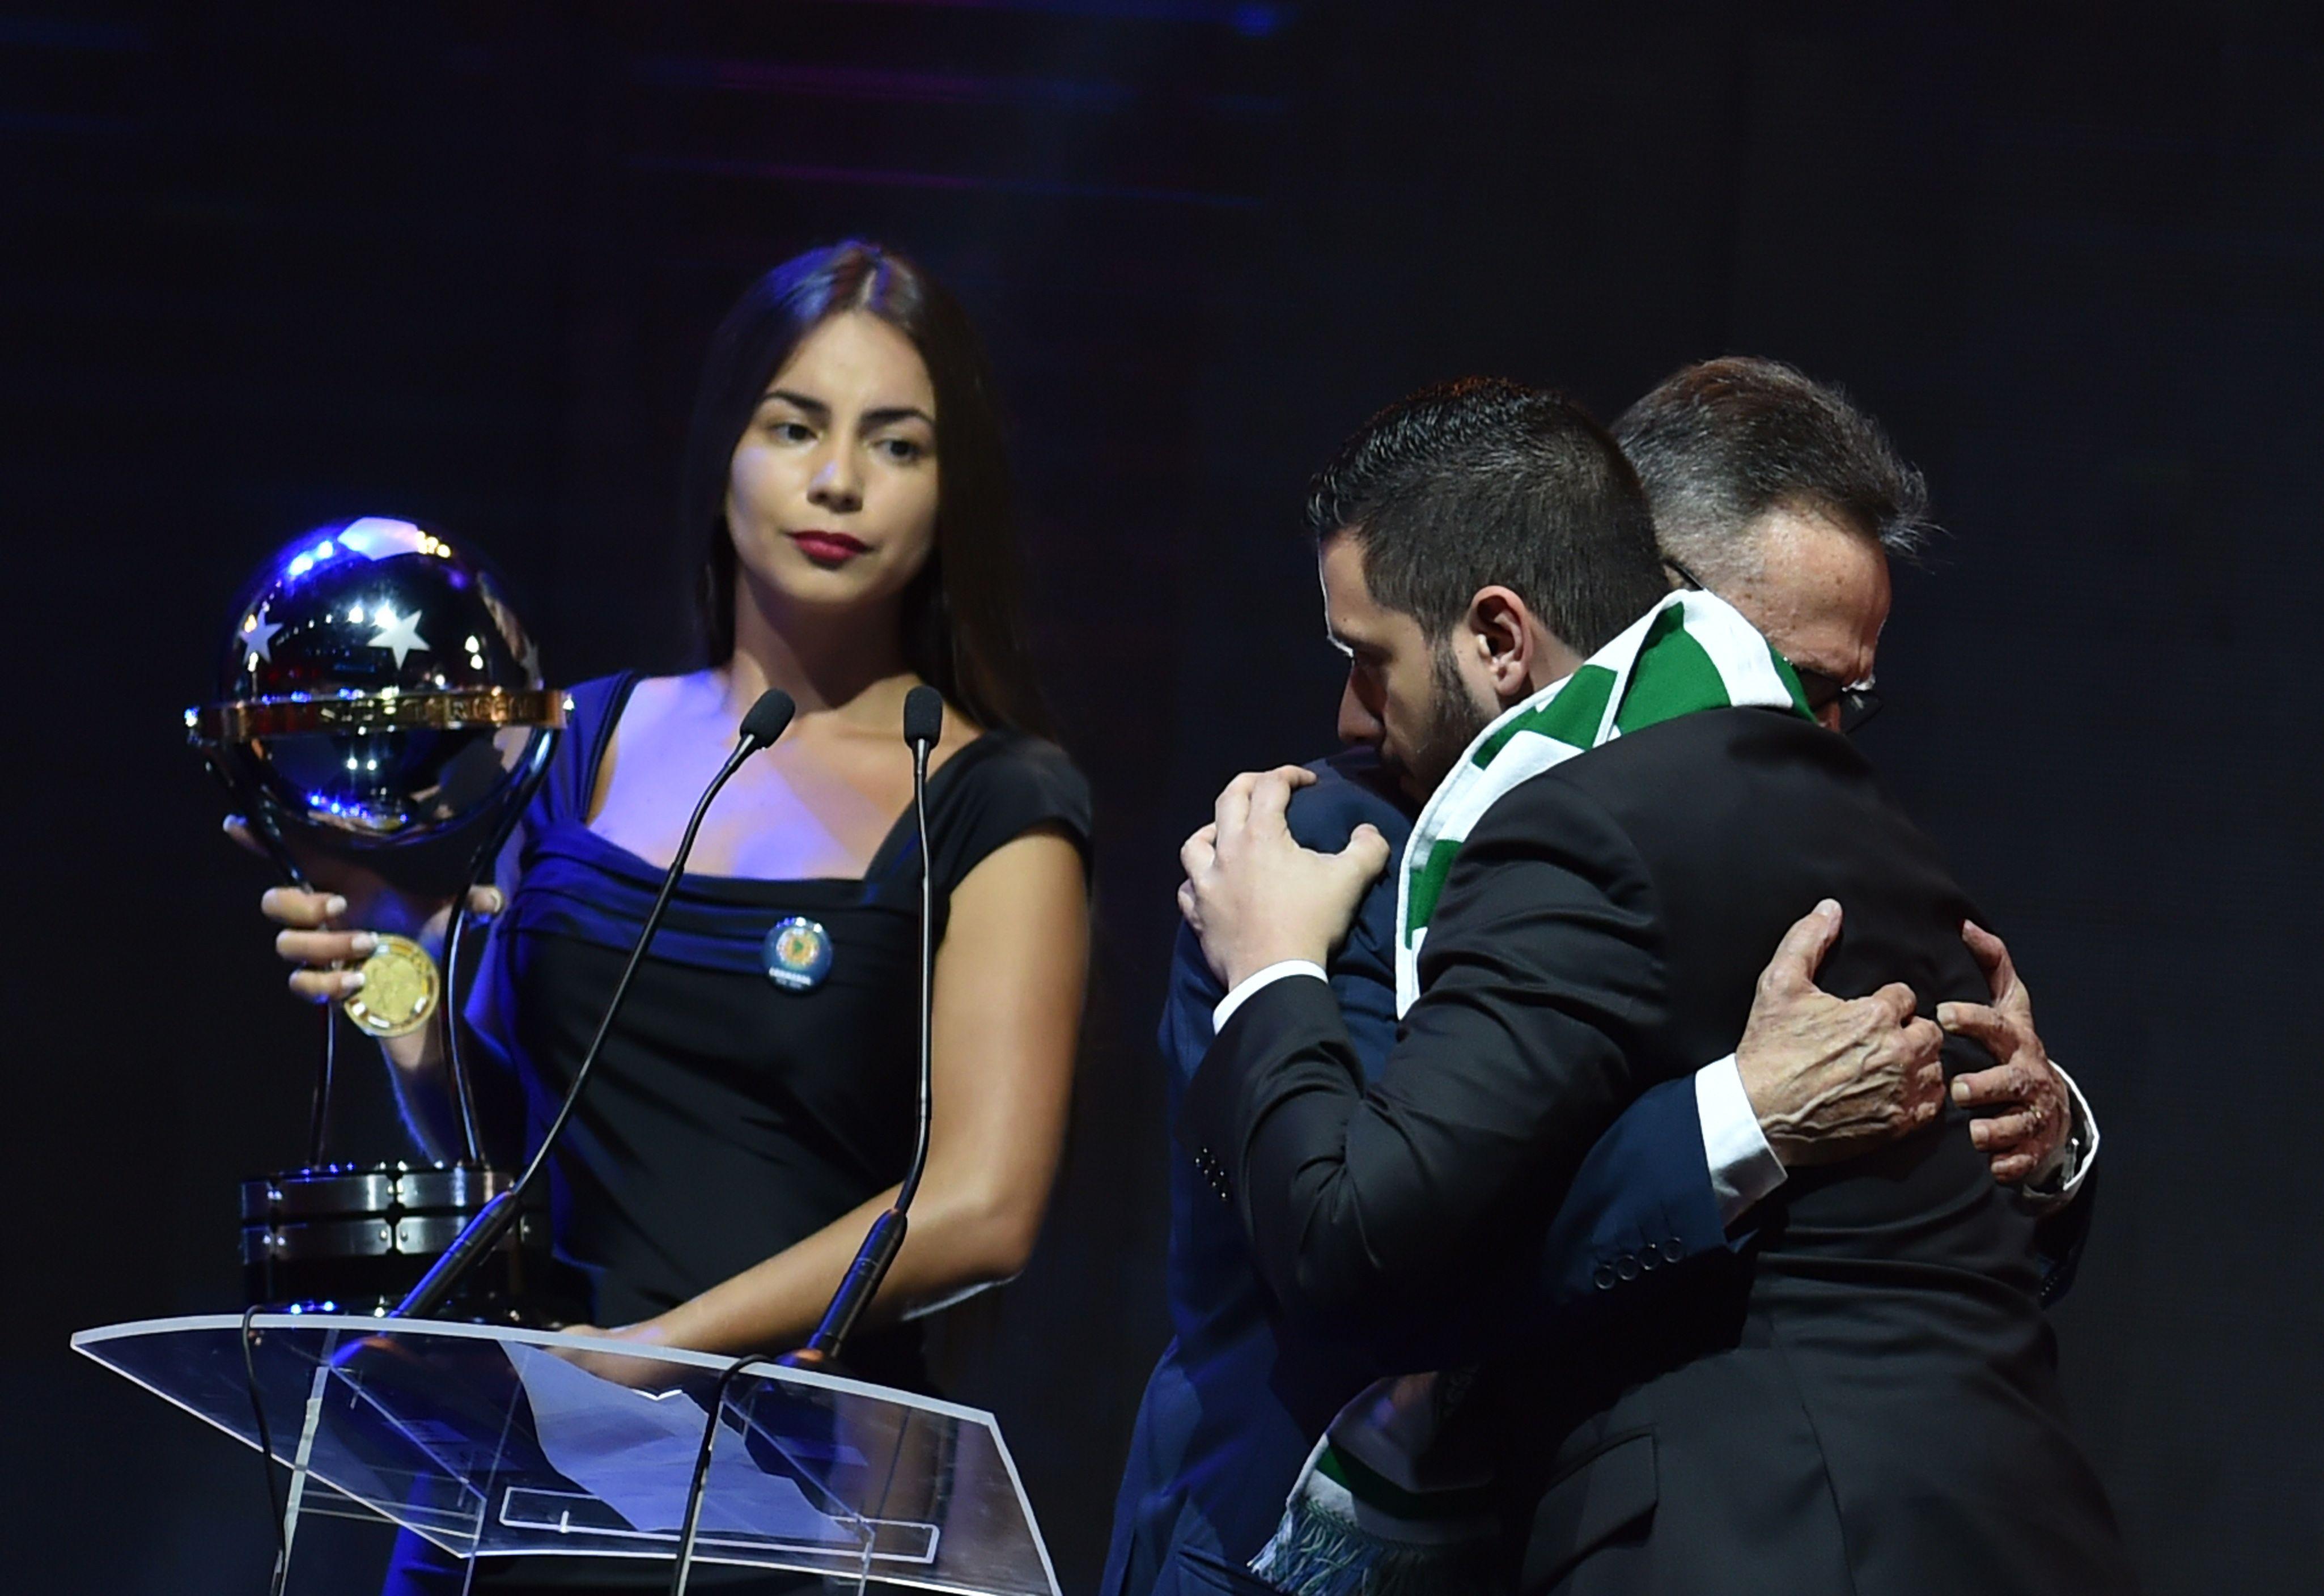 El presidente del Chapecoense Plinio De Nés recibe la Copa Sudamericana junto al representante del Atlético Nacional de Medellín